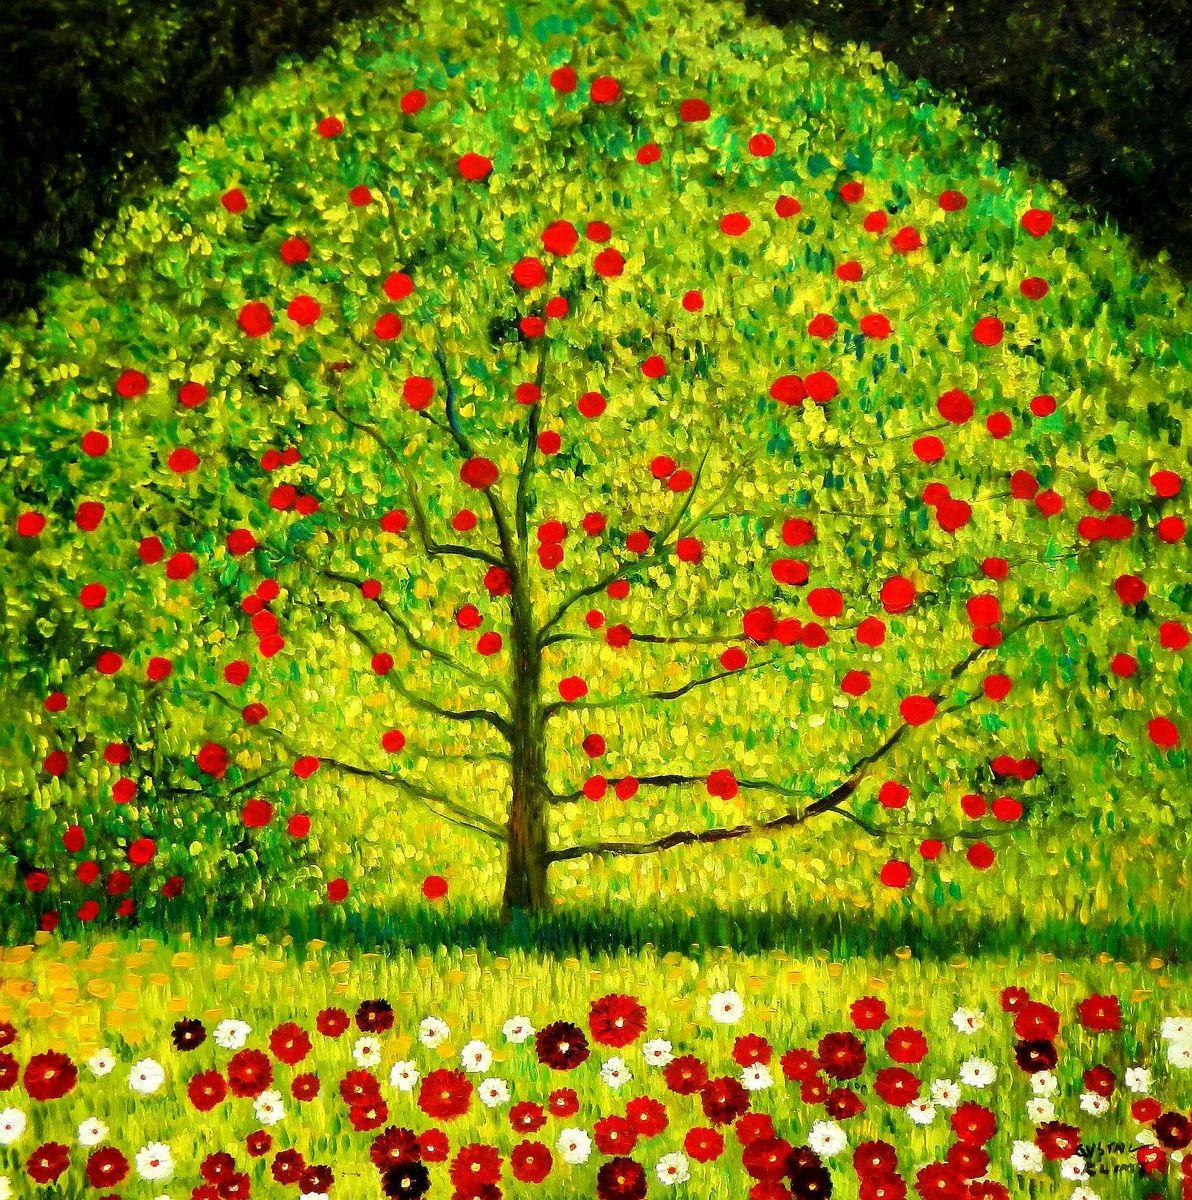 Gustav Klimt - Der Apfelbaum m95954 120x120cm bemerkenswertes Ölgemälde handgemalt